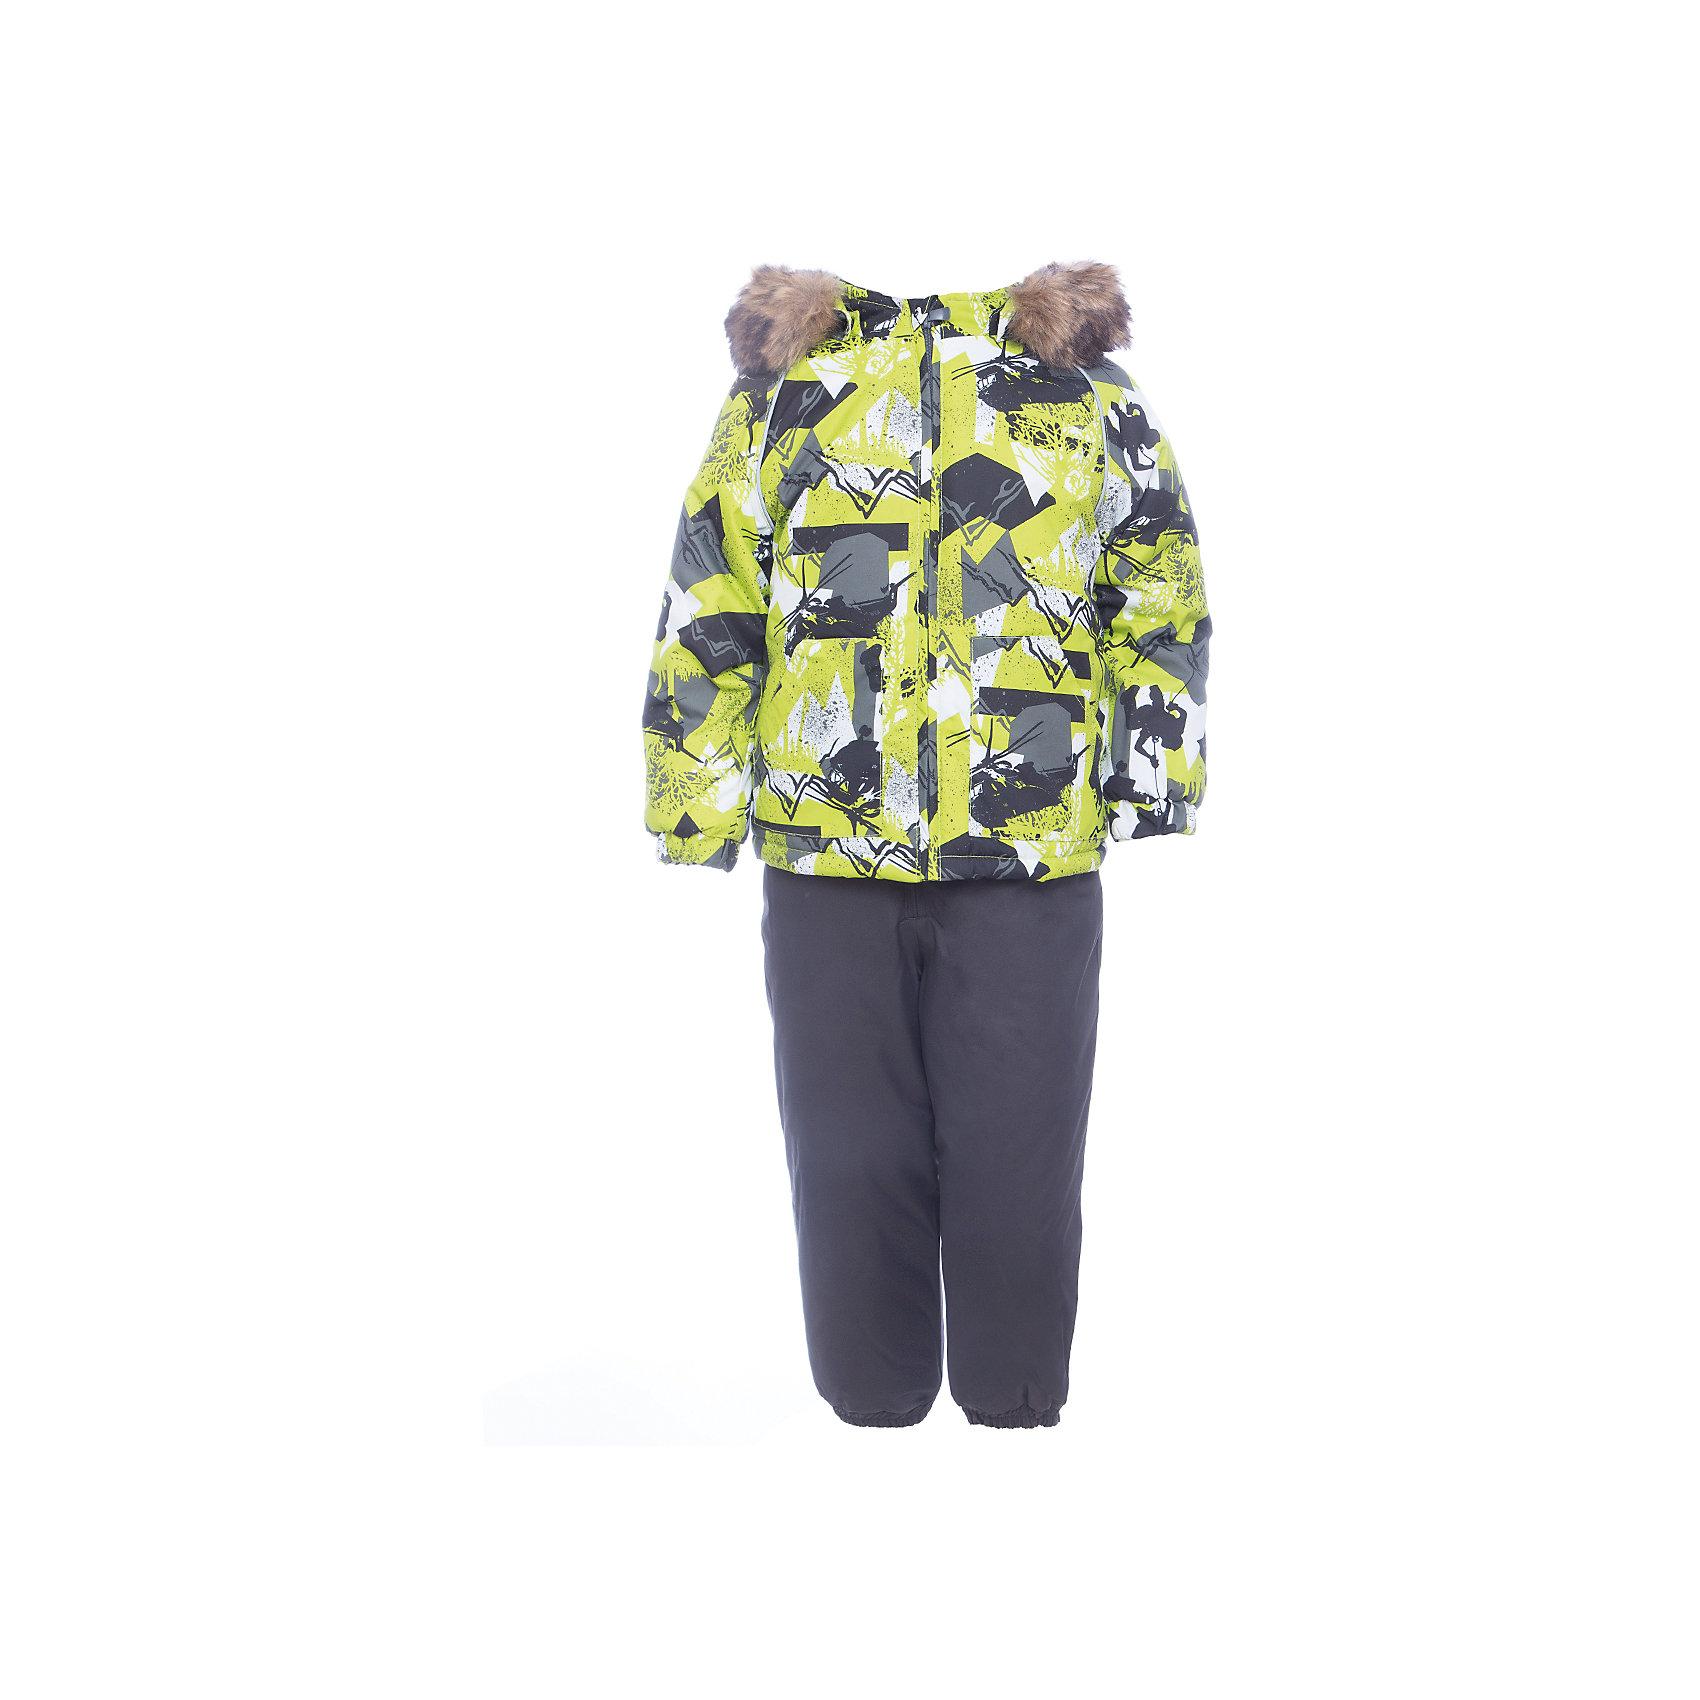 Комплект: куртка и брюки WINTER HuppaКомплекты<br>Характеристики товара:<br><br>• цвет: серо - зеленый с принтом;<br>• пол: мальчик;<br>• состав: 100% полиэстер;<br>• утеплитель: 300 гр куртка / 160гр полукомбинезон;<br>• подкладка: тафта, флис;<br>• сезон: зима;<br>• температурный режим: от -5 до - 30С;<br>• водонепроницаемость: 10000 мм ;<br>• воздухопроницаемость: 10000 г/м2/24ч;<br>• особенности модели: c рисунком; с мехом на капюшоне;<br>• сидельный шов проклеен и не пропускает влагу;<br>• манжеты рукавов эластичные, на резинках;<br>• низ брюк затягивается на шнурок с фиксатором;<br>• внутренние снегозащитные манжеты на штанинах;<br>• полукомбинезон с высокой грудкой, внутренние швы отсутствуют;<br>• эластичные подтяжки регулируются по длине;<br>• безопасный капюшон крепится на кнопки и, при необходимости, отстегивается;<br>• мех на капюшоне не съемный;<br>• молния с защитным клапаном;<br>• светоотражающие элементы для безопасности ребенка;<br>• страна бренда: Финляндия;<br>• страна изготовитель: Эстония.<br><br>Теплый зимний комплект для мальчиков от 2 до 9 лет. Верхняя мембранная ткань с высокими техническими характеристиками и современный утеплитель надежно защищают от снега и мороза.<br><br>Куртка прямого кроя с удлиненной спинкой и карманами на липучках. Утяжка по низу и планка на молнии исключает поддувание и попадание снега под куртку. Теплый капюшон с меховой опушкой легко отстегивается. Это предотвращает опасные ситуации во время игры, например, если капюшон ребенка за что-то зацепится. Полукомбинезон с высокой спинкой и резинкой на поясе скроены без внутреннего шва, поэтому они более устойчивы к истиранию и проникновению влаги. Задний шов проклеен. Утяжка с фиксатором по нижней части брюк и снежные гетры надежно защищают от попадания снега в обувь. Светоотражающие элементы повышают безопасность ребенка при нахождении на улице при любой видимости и в темное время суток. <br><br>Функциональные элементы: куртка: капюшон отстегивается, искусственный мех н